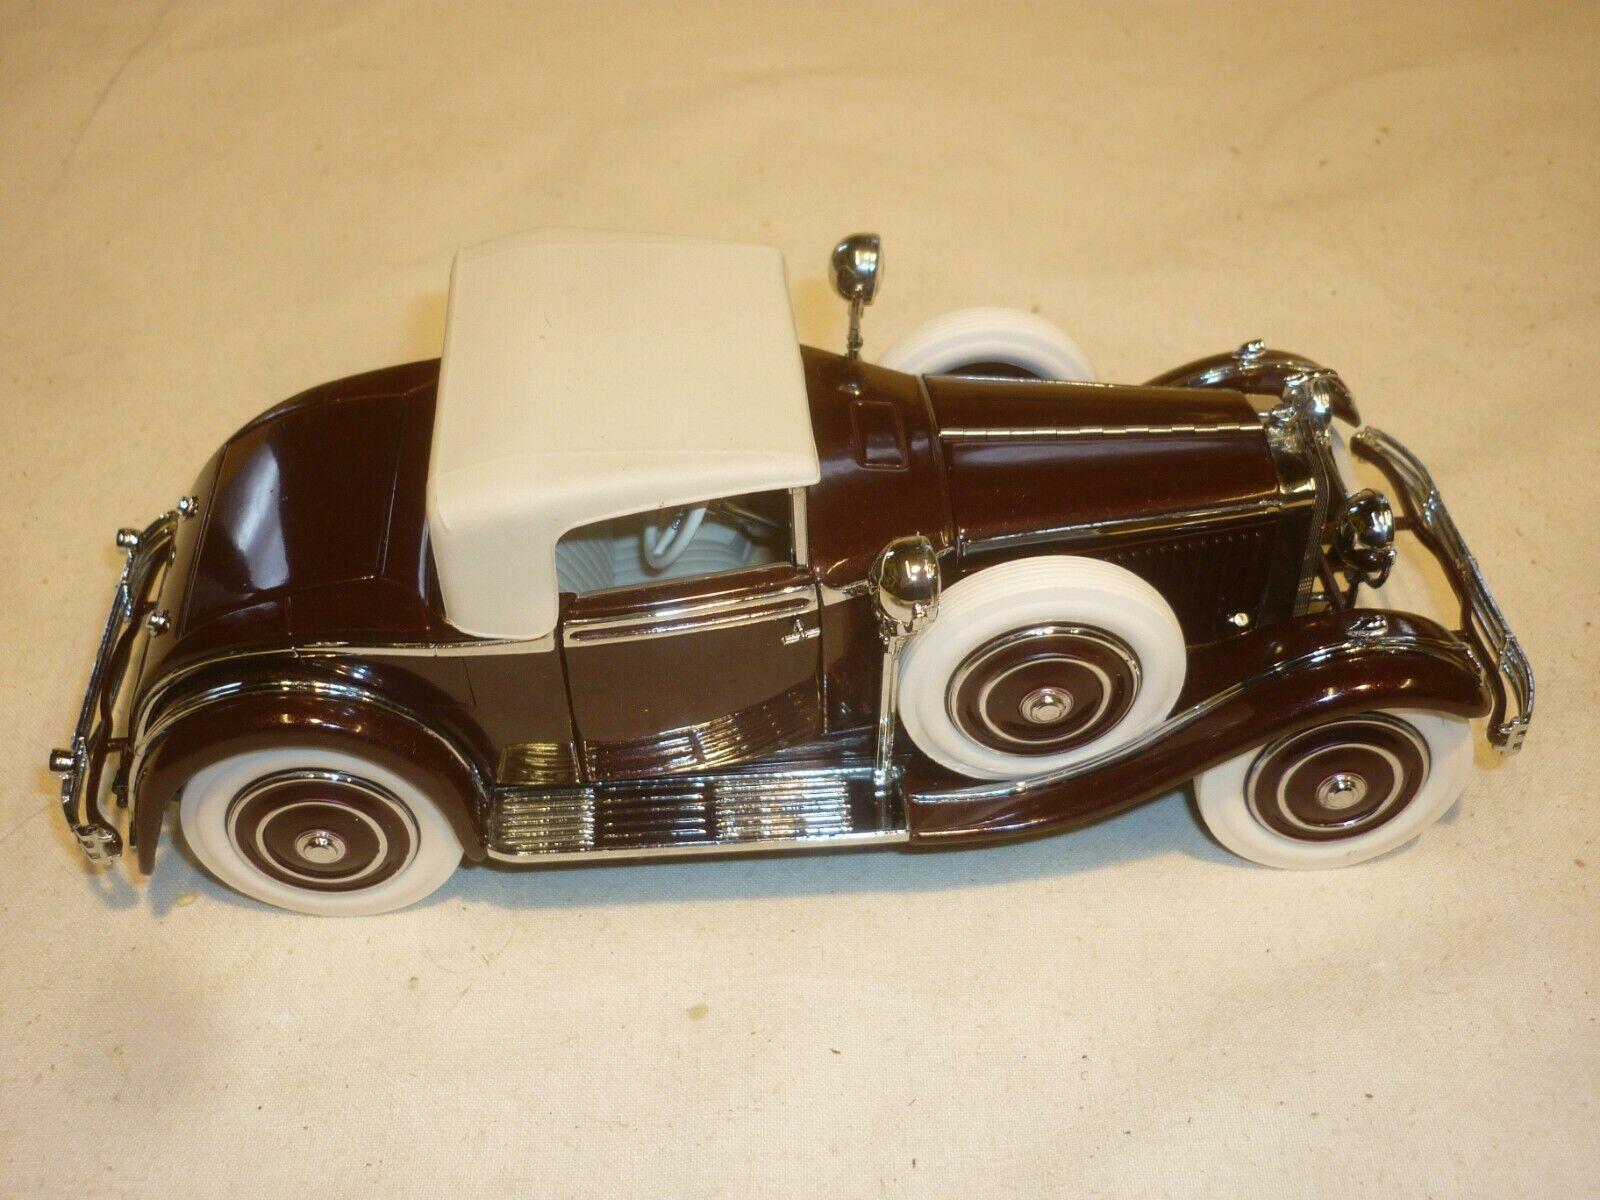 Las ventas en línea ahorran un 70%. Un modelo de escala Franklin Franklin Franklin Mint de un 1925 Hispano Suiza H6B Kellner, Sin Caja  con 60% de descuento